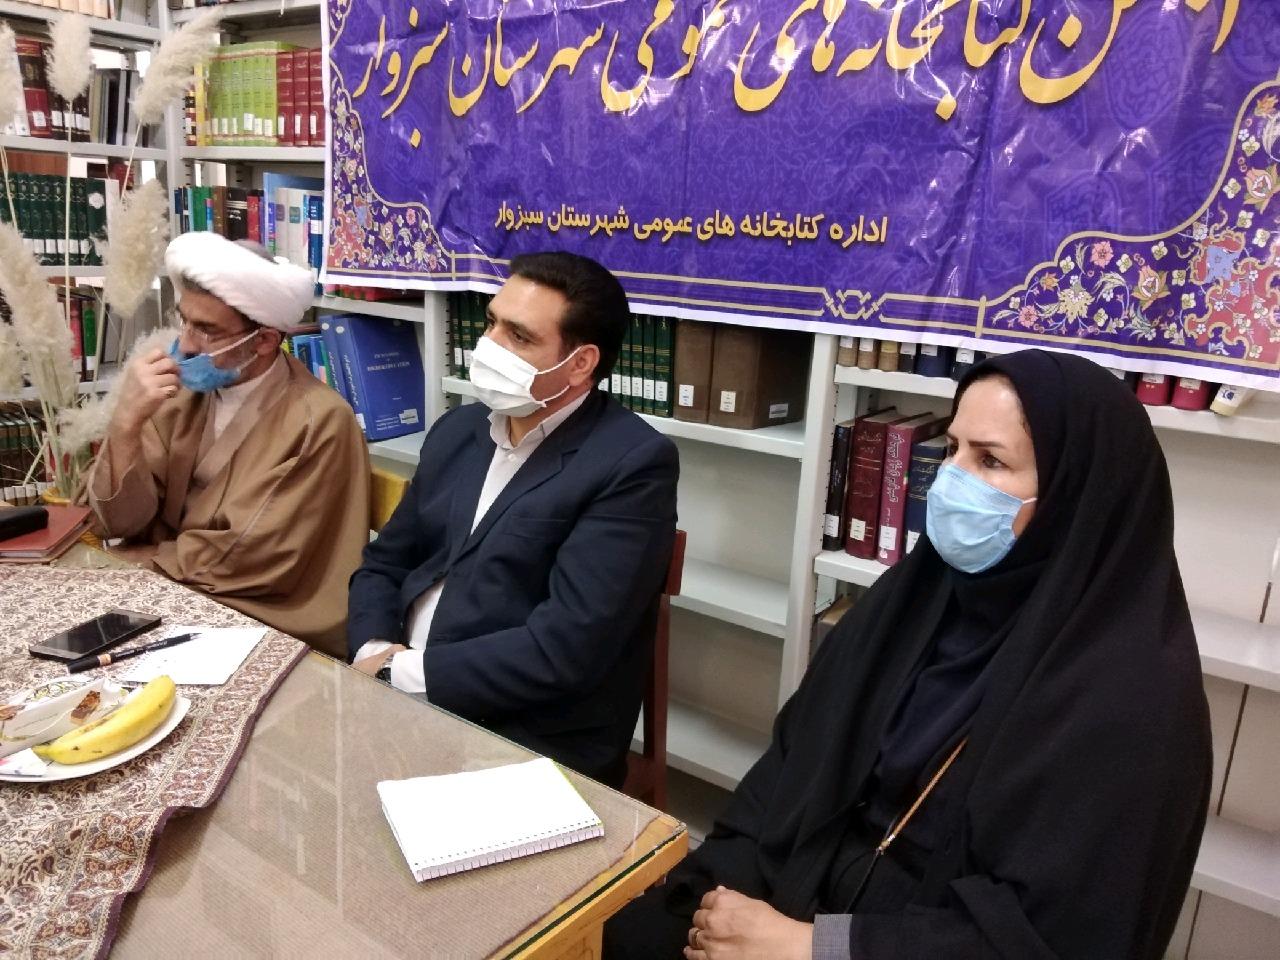 با حضور مدیرکل کتابخانه های عمومی خراسان رضوی؛ سومین جلسه انجمن کتابخانه های عمومی سبزوار برگزار شد